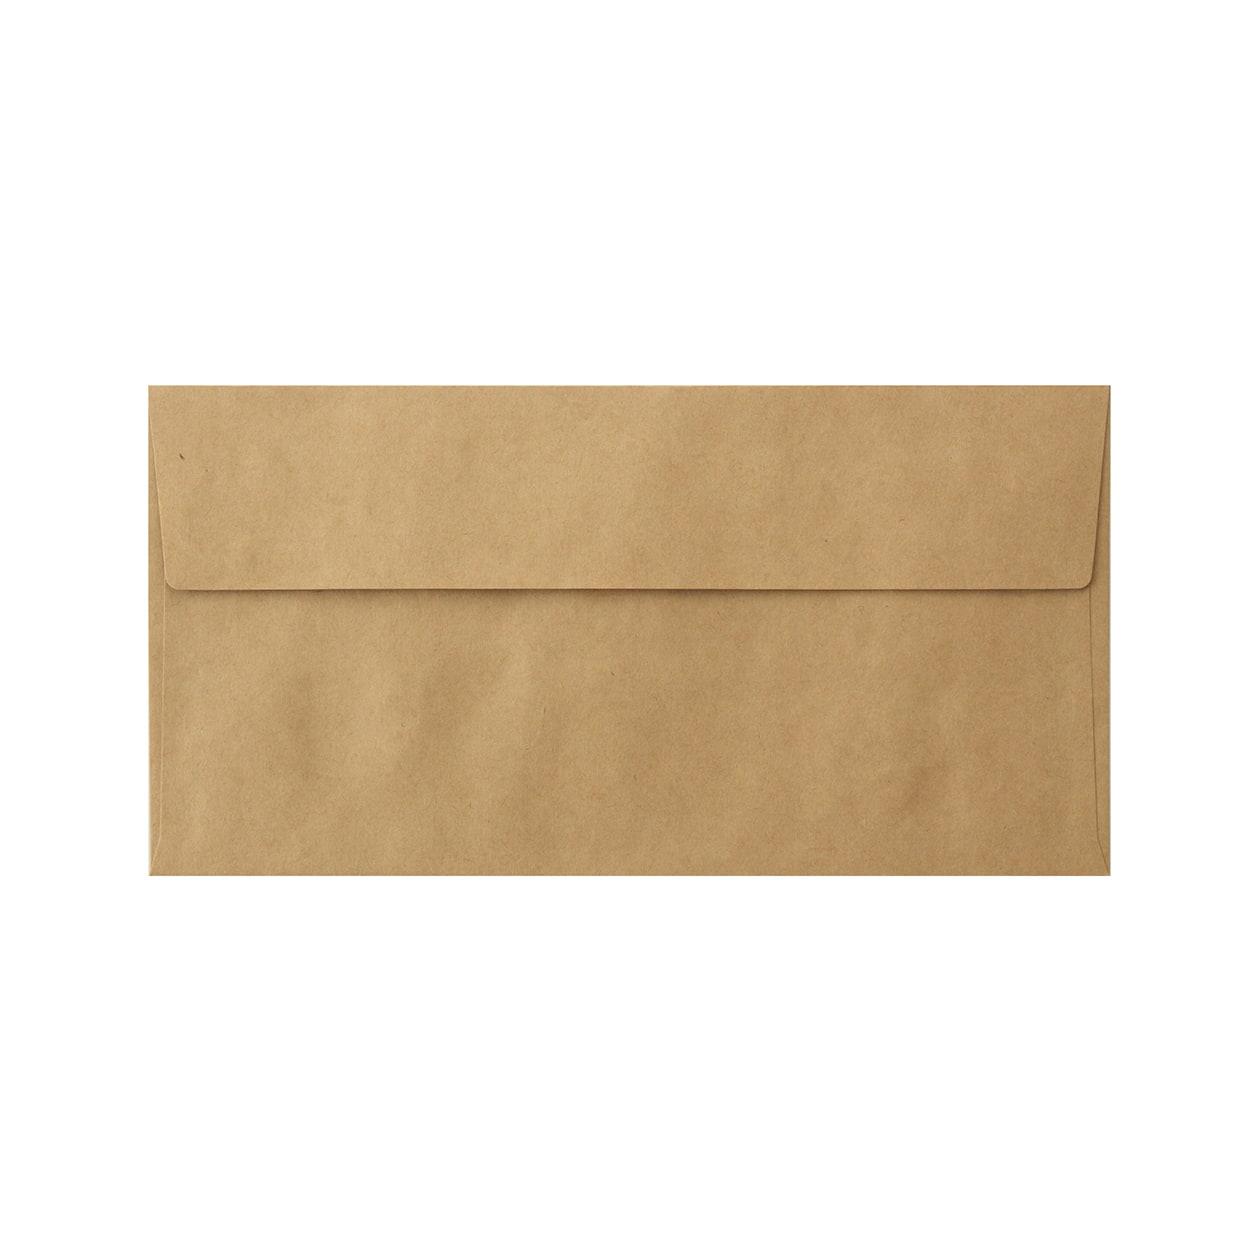 見本 00013 長3カマス封筒 未晒クラフト 100g